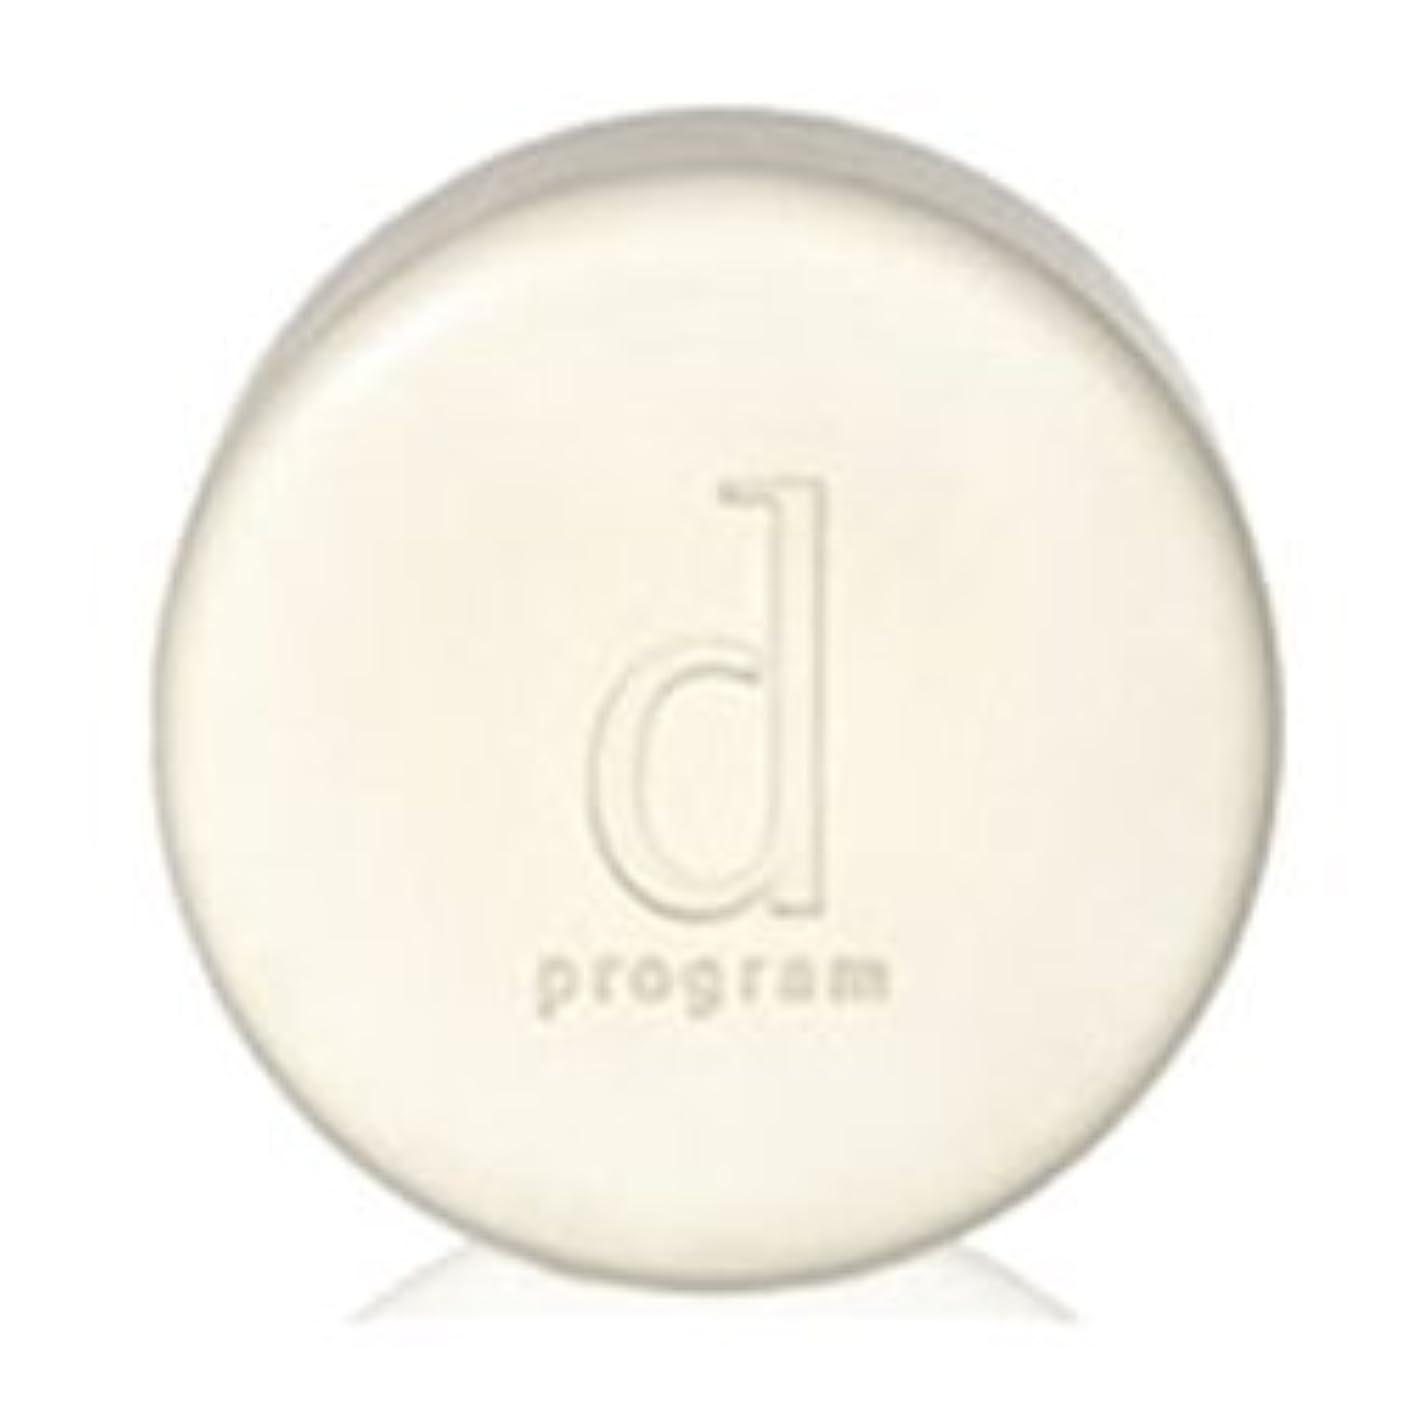 【資生堂】dプログラム コンディショニングソープ 100g ×3個セット